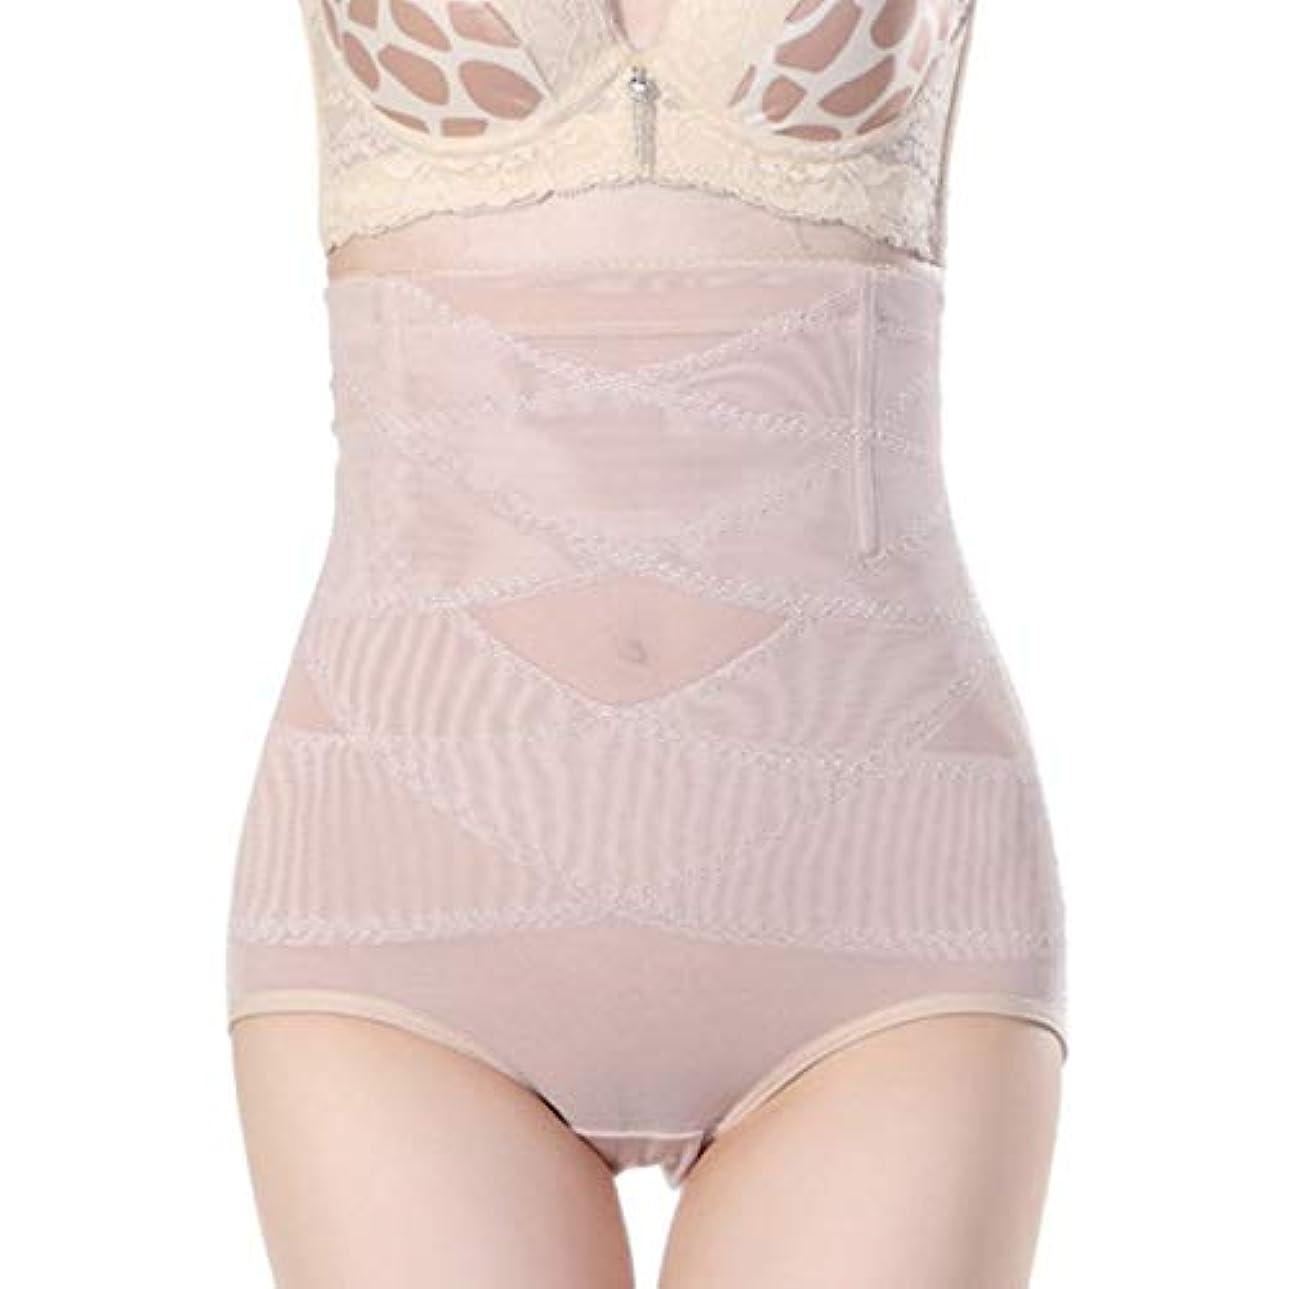 親密な確率専門腹部制御下着シームレスおなかコントロールパンティーバットリフターボディシェイパーを痩身通気性のハイウエストの女性 - 肌色3 XL